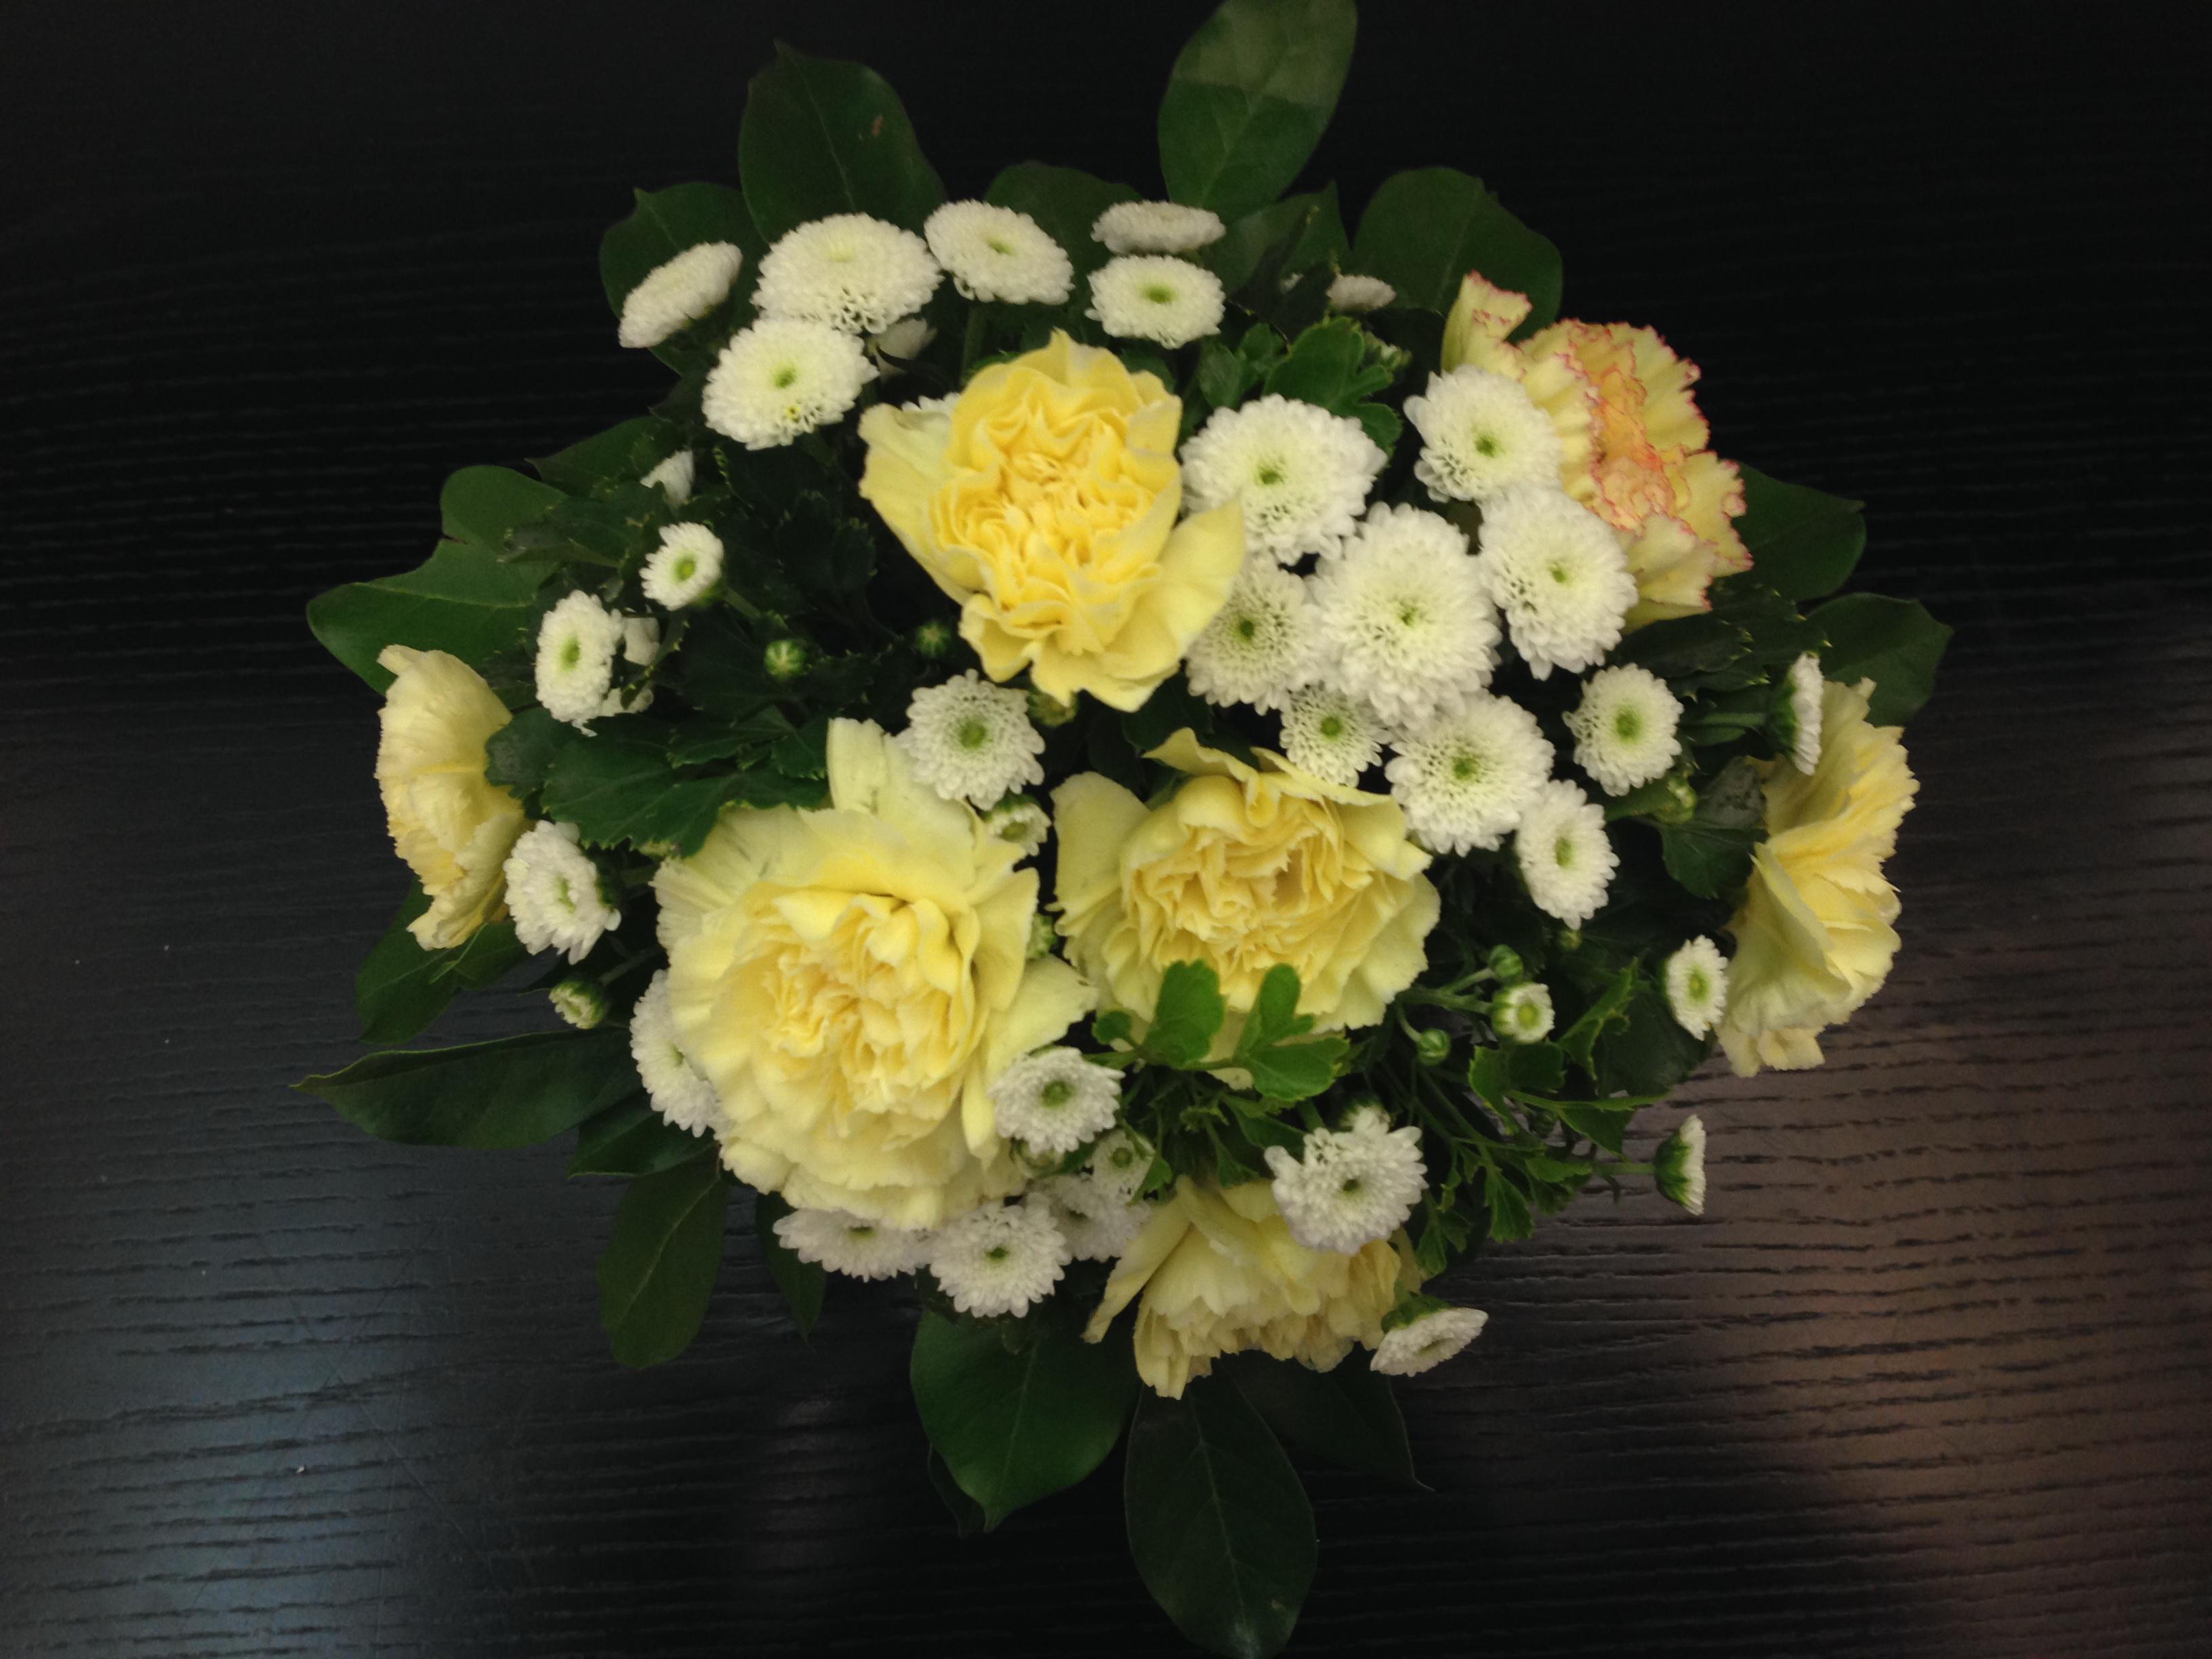 Hướng dẫn cách cắm hoa cúc đẹp nhỏ nhắn xinh xắn hình 6